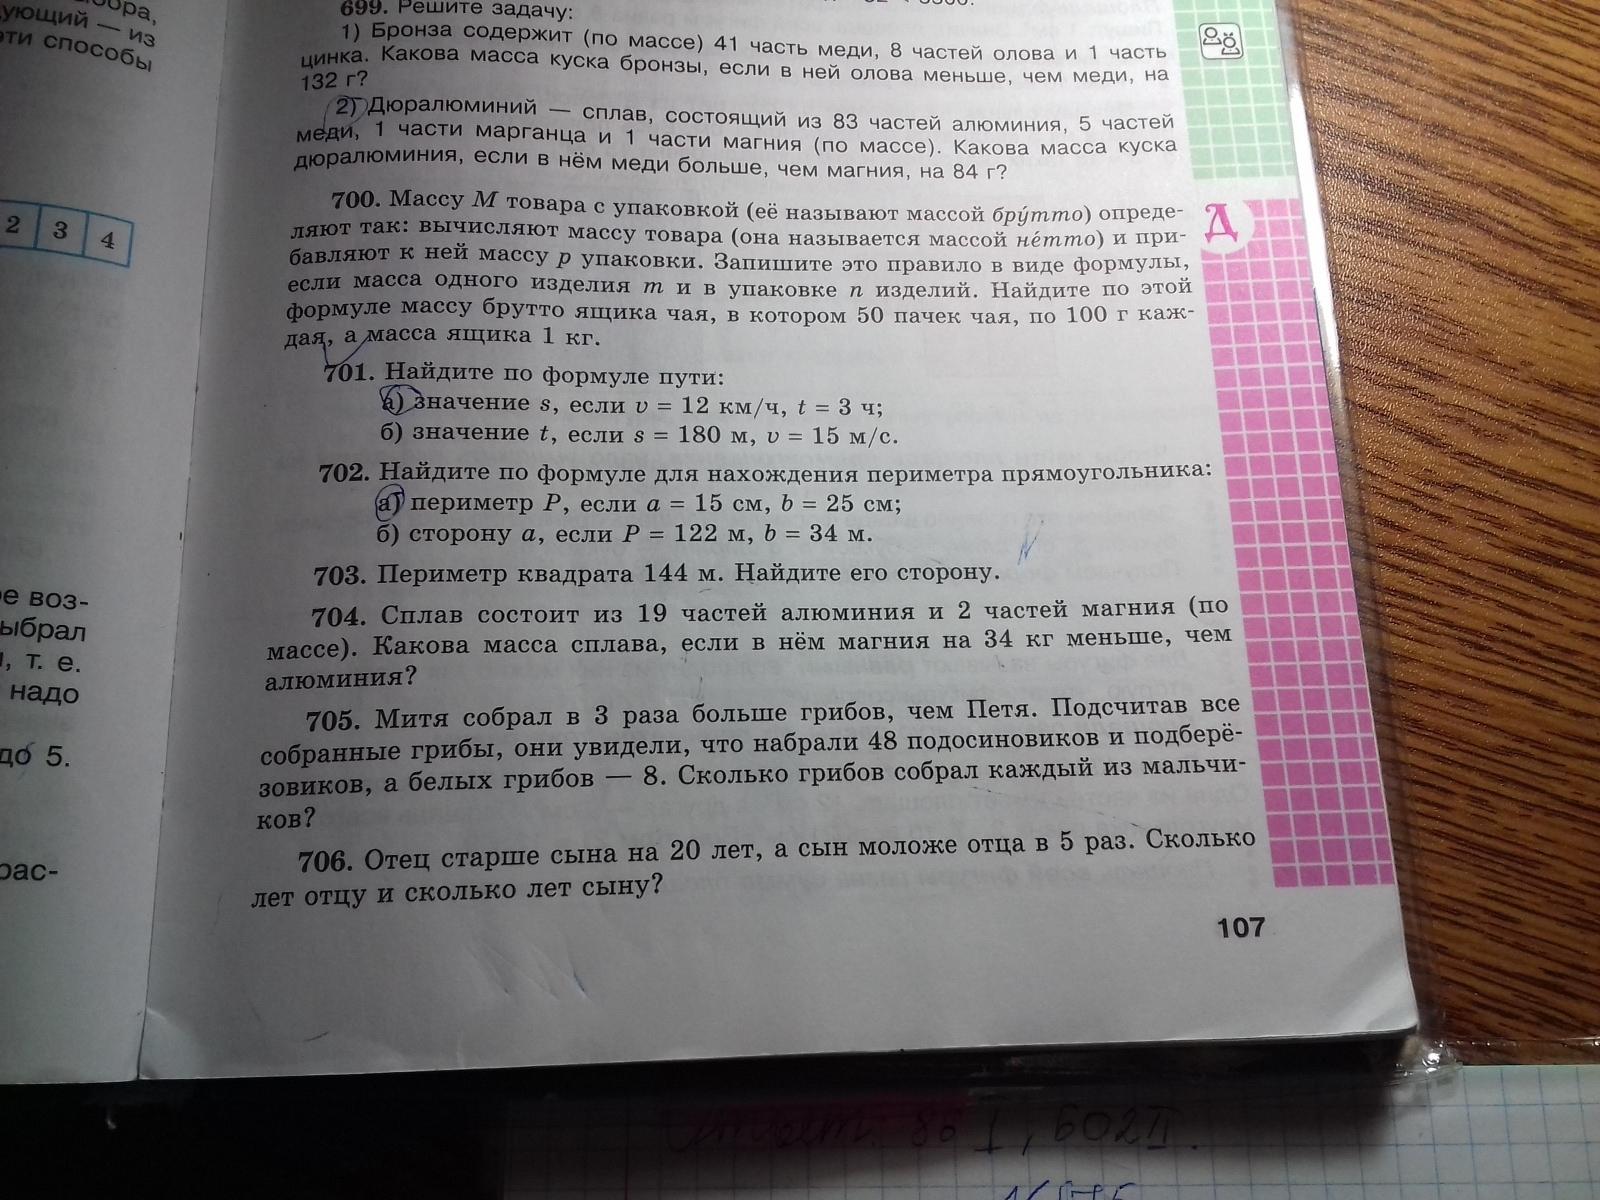 решение задачи по математике 5 класс сплав состоит из 19 частей алюминия